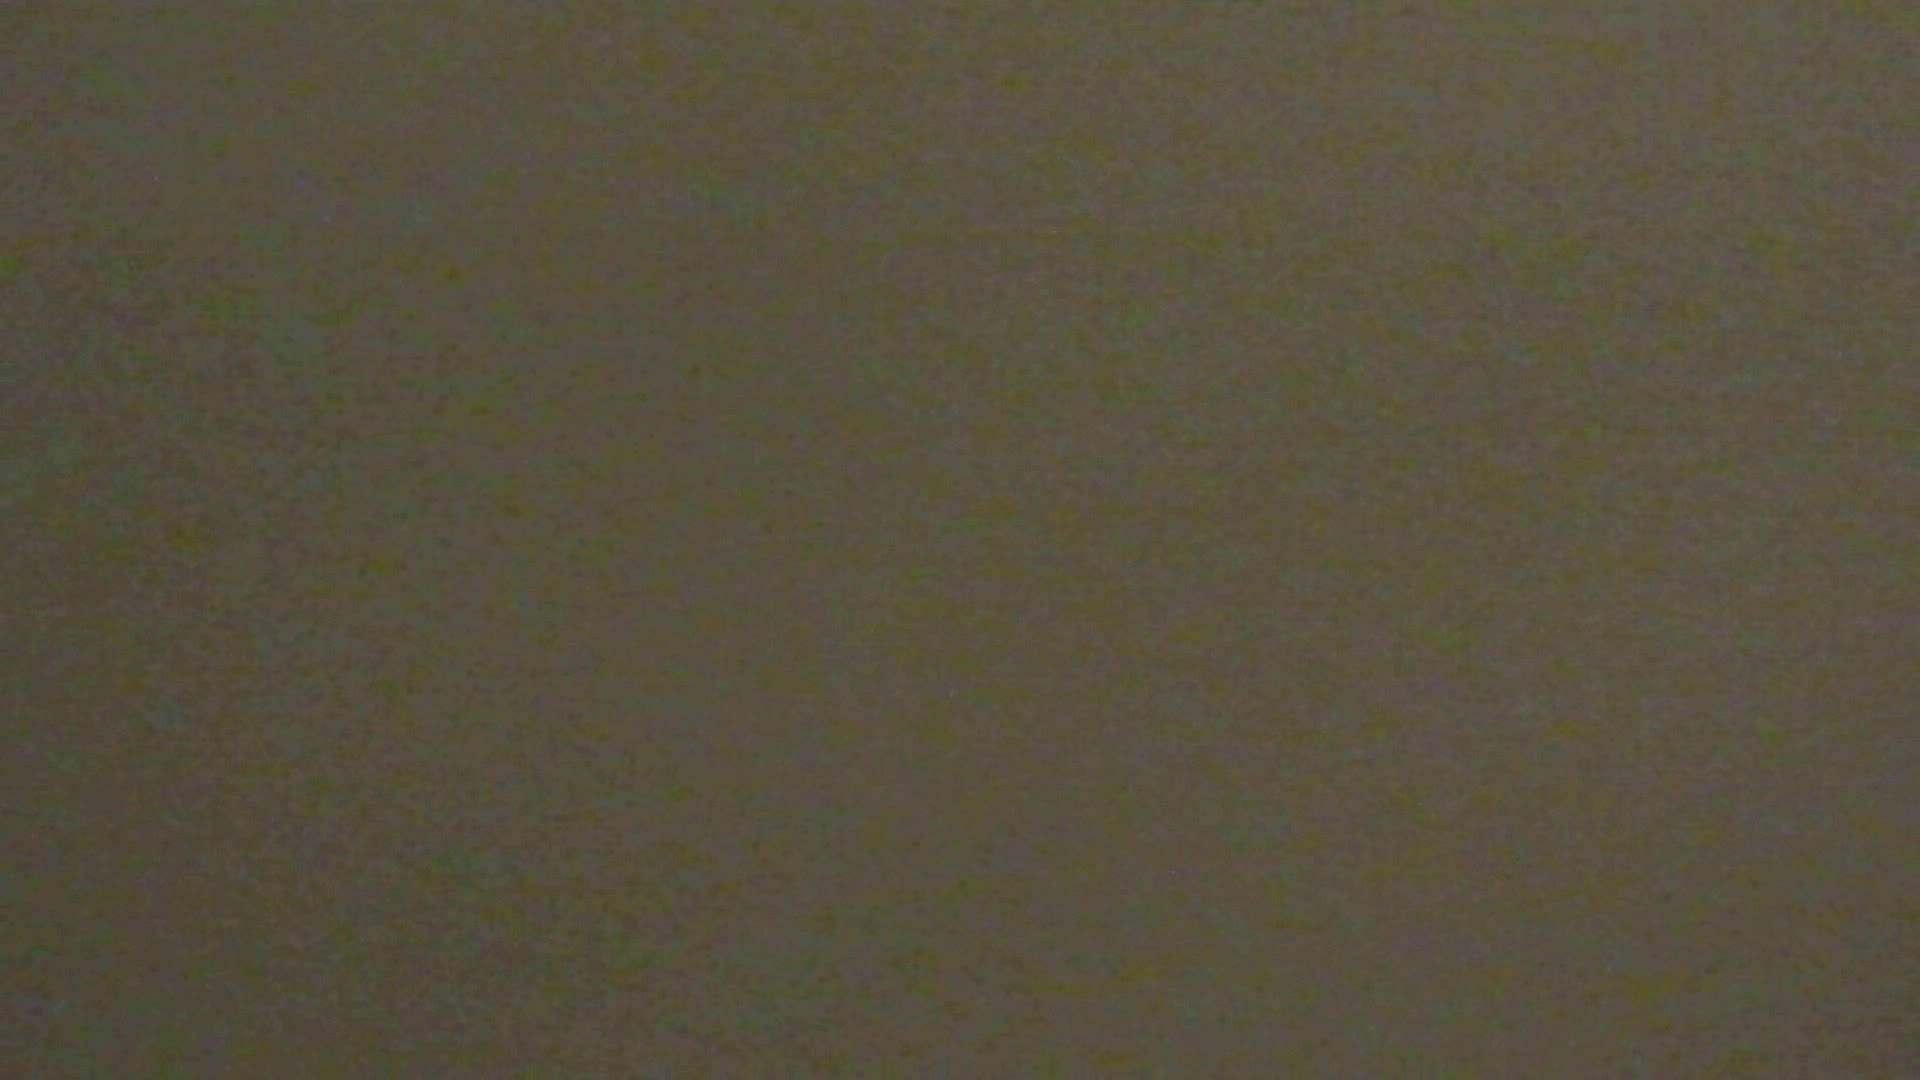 阿国ちゃんの「和式洋式七変化」No.14 和式 | 洗面所  38pic 5